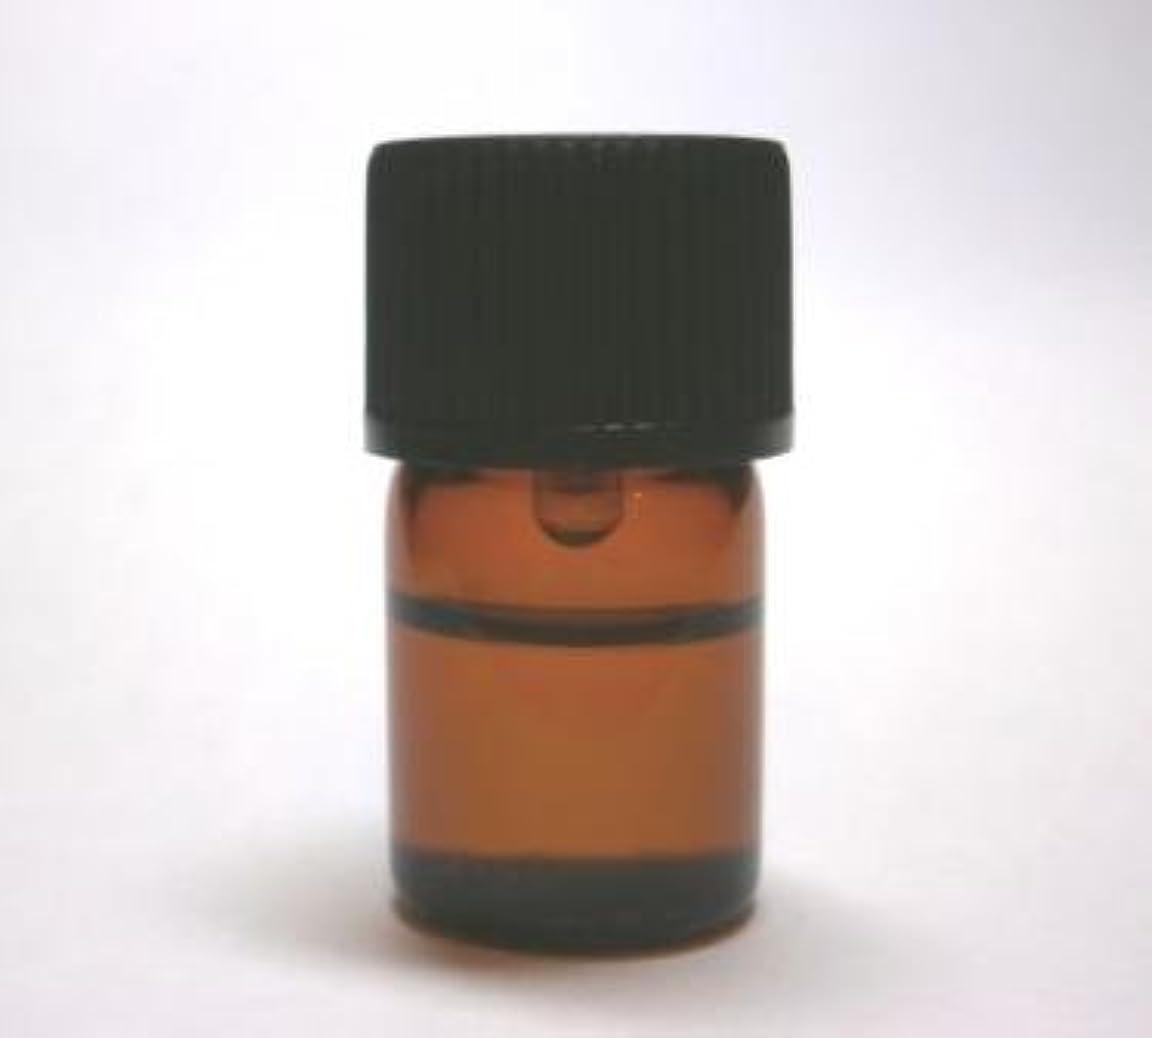 ノイズ小間不愉快にローズabsアブソリュート100%:3ml /ローズエッセンシャルオイル/ローズ精油/ローズオイル